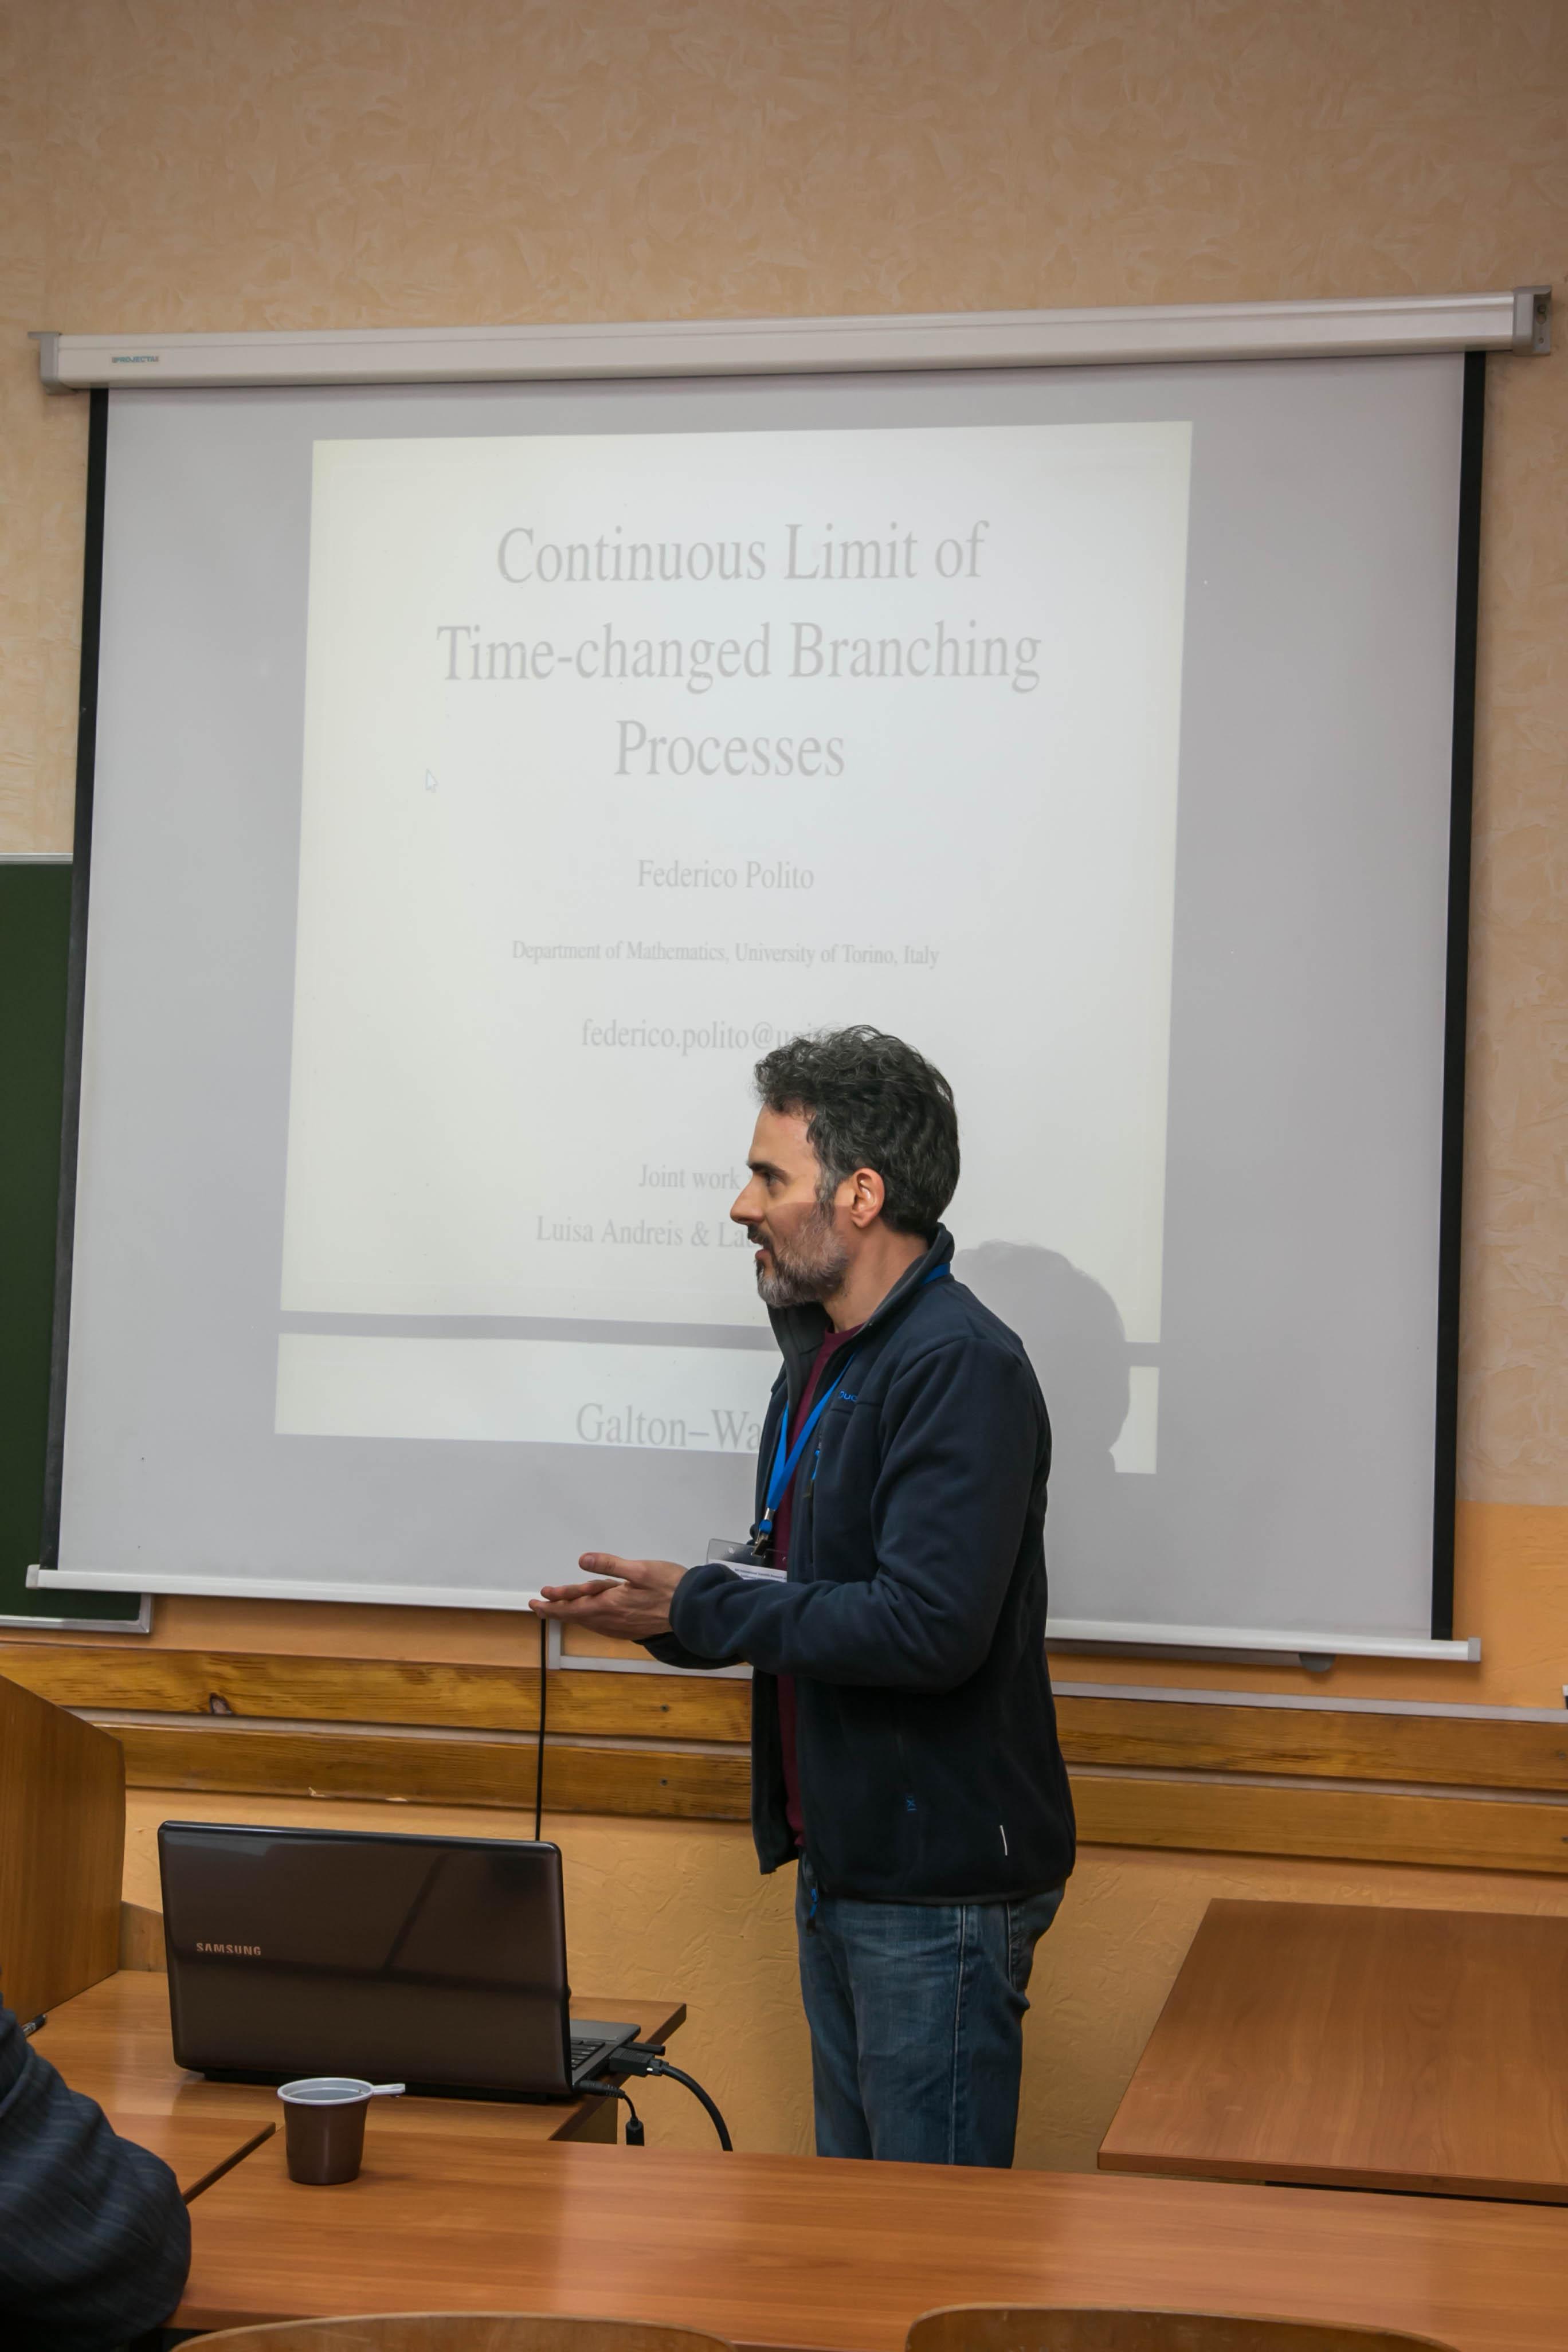 29-30 января 2013 года сотрудники гк софтэксперт приняли участие в тринадцатой международной научно-практической